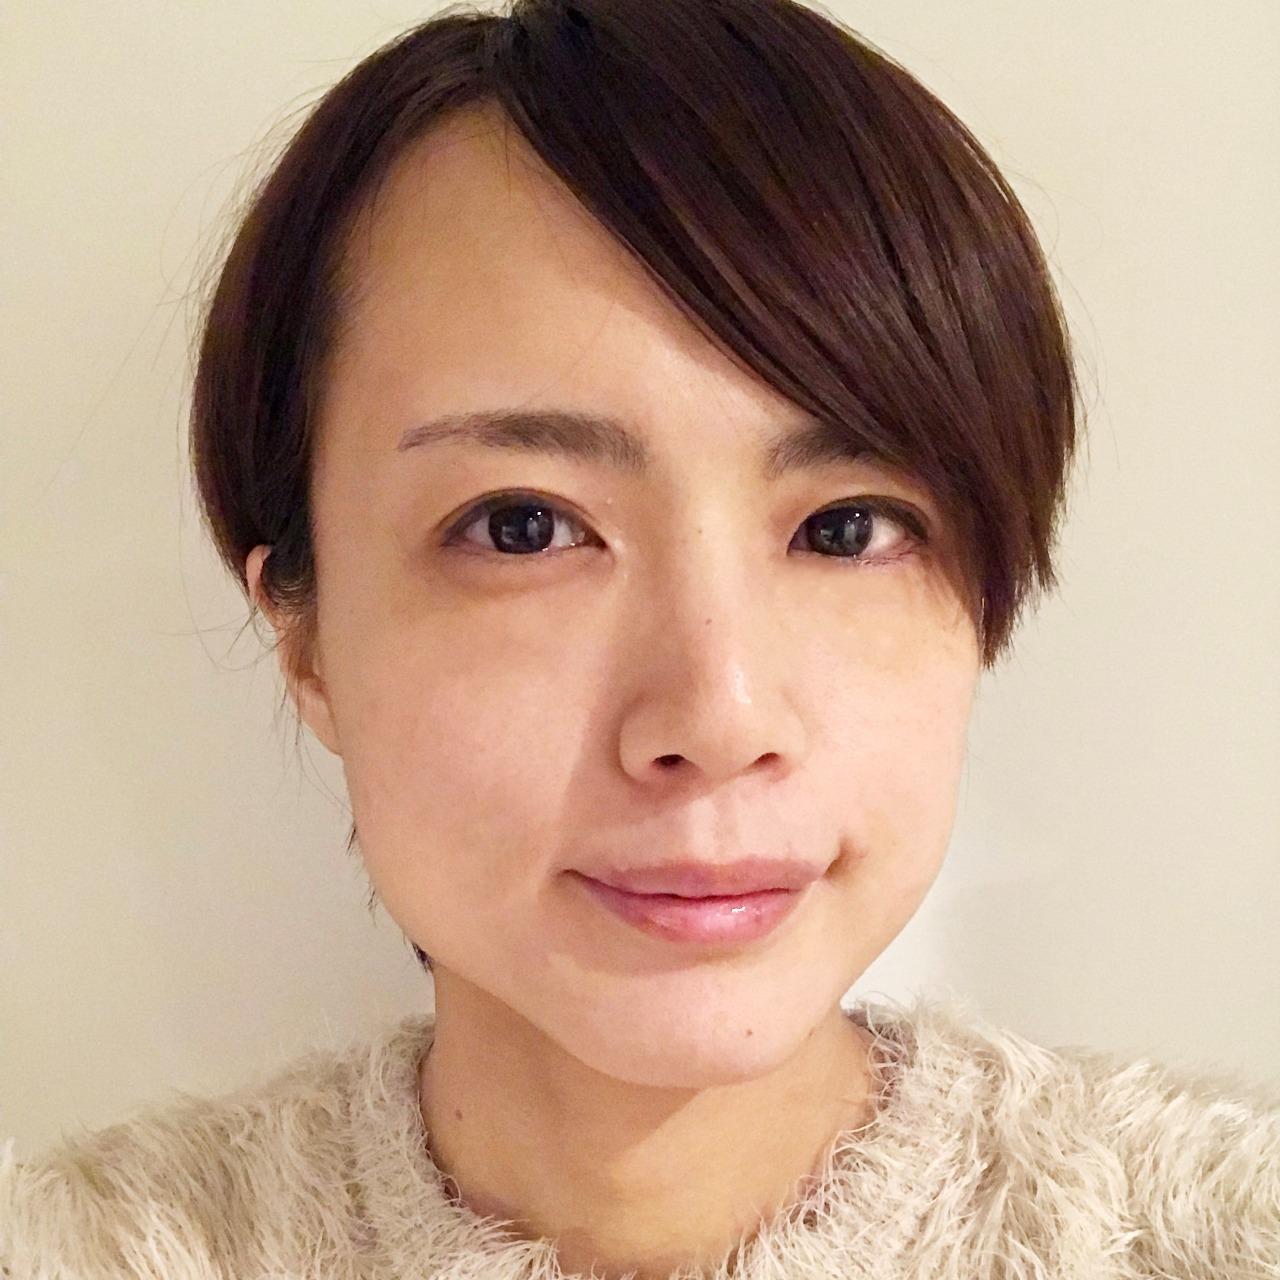 東京渋谷で当たる占い師をお探しなら婚活もできる占い館BCAFE(ビーカフェ)渋谷店の『marry(マリー)』がオススメです!